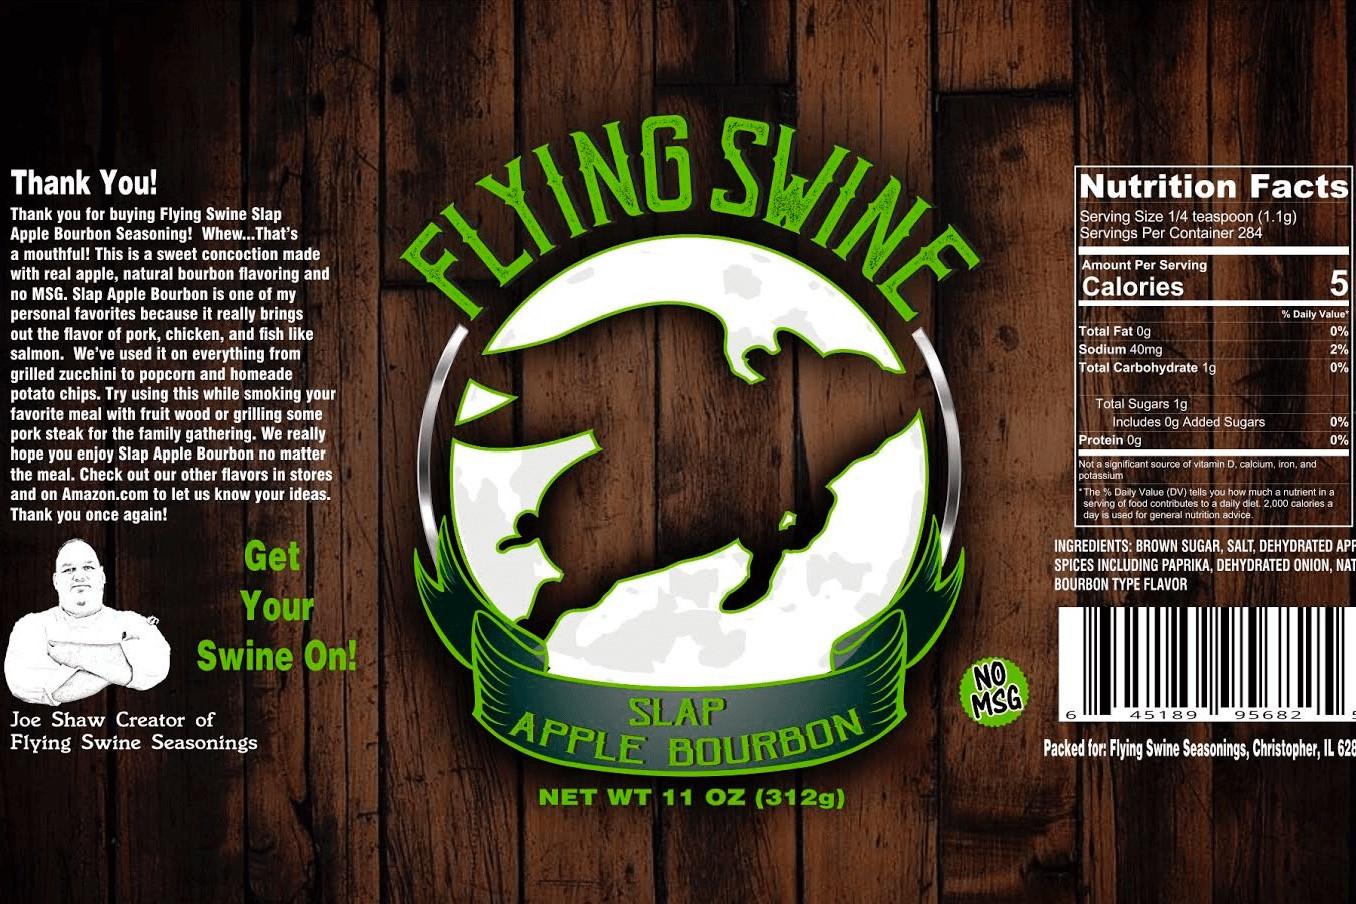 Flying Swine Slap Apple Bourbon